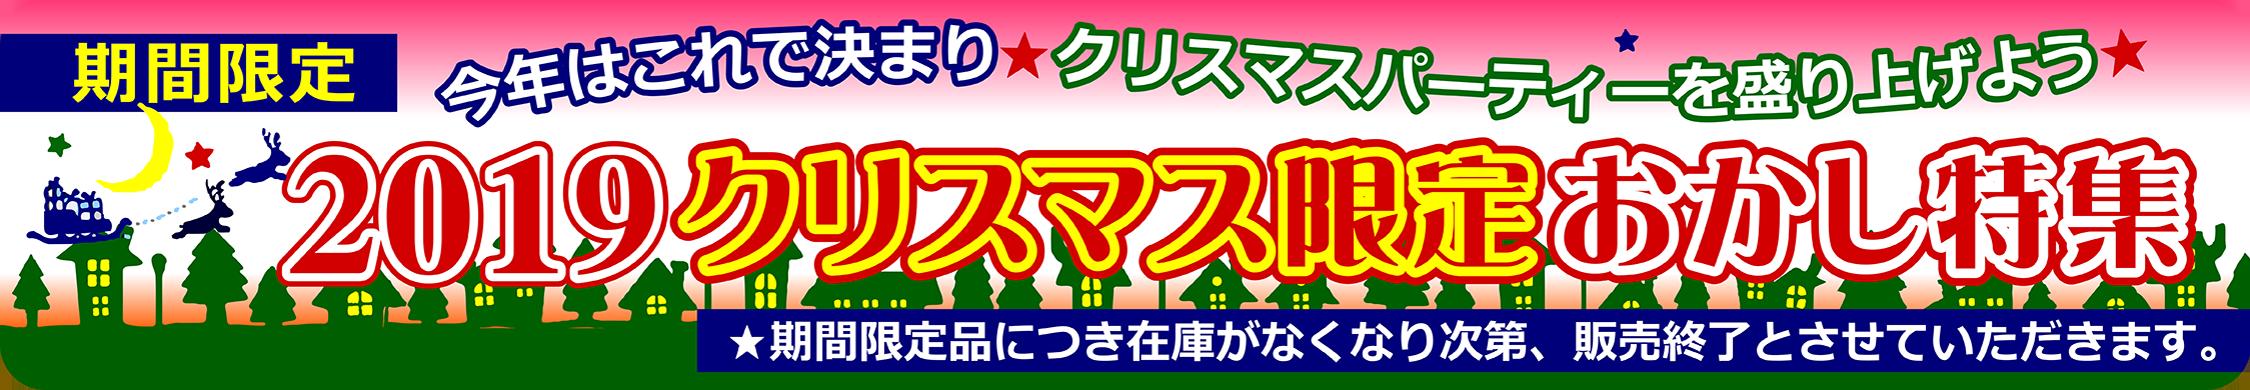 今年のクリスマスパーティーを盛り上げよぅ~2019クリスマス限定お菓子コーナ☆彡